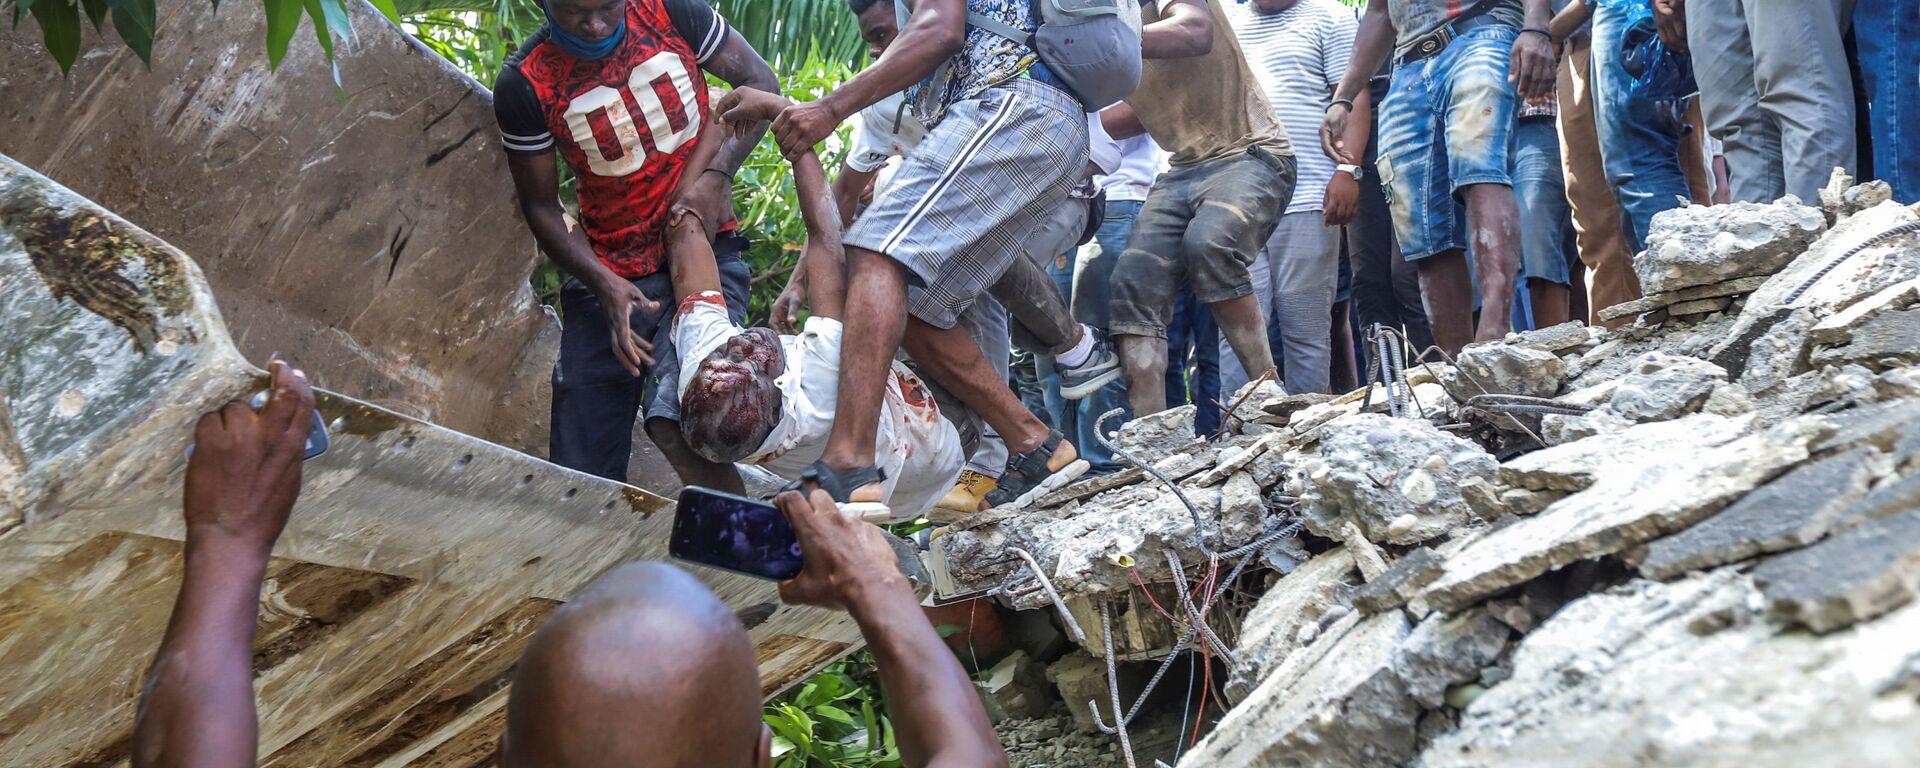 Извлечение тела политика после землетрясения на Гаити - Sputnik Italia, 1920, 21.08.2021